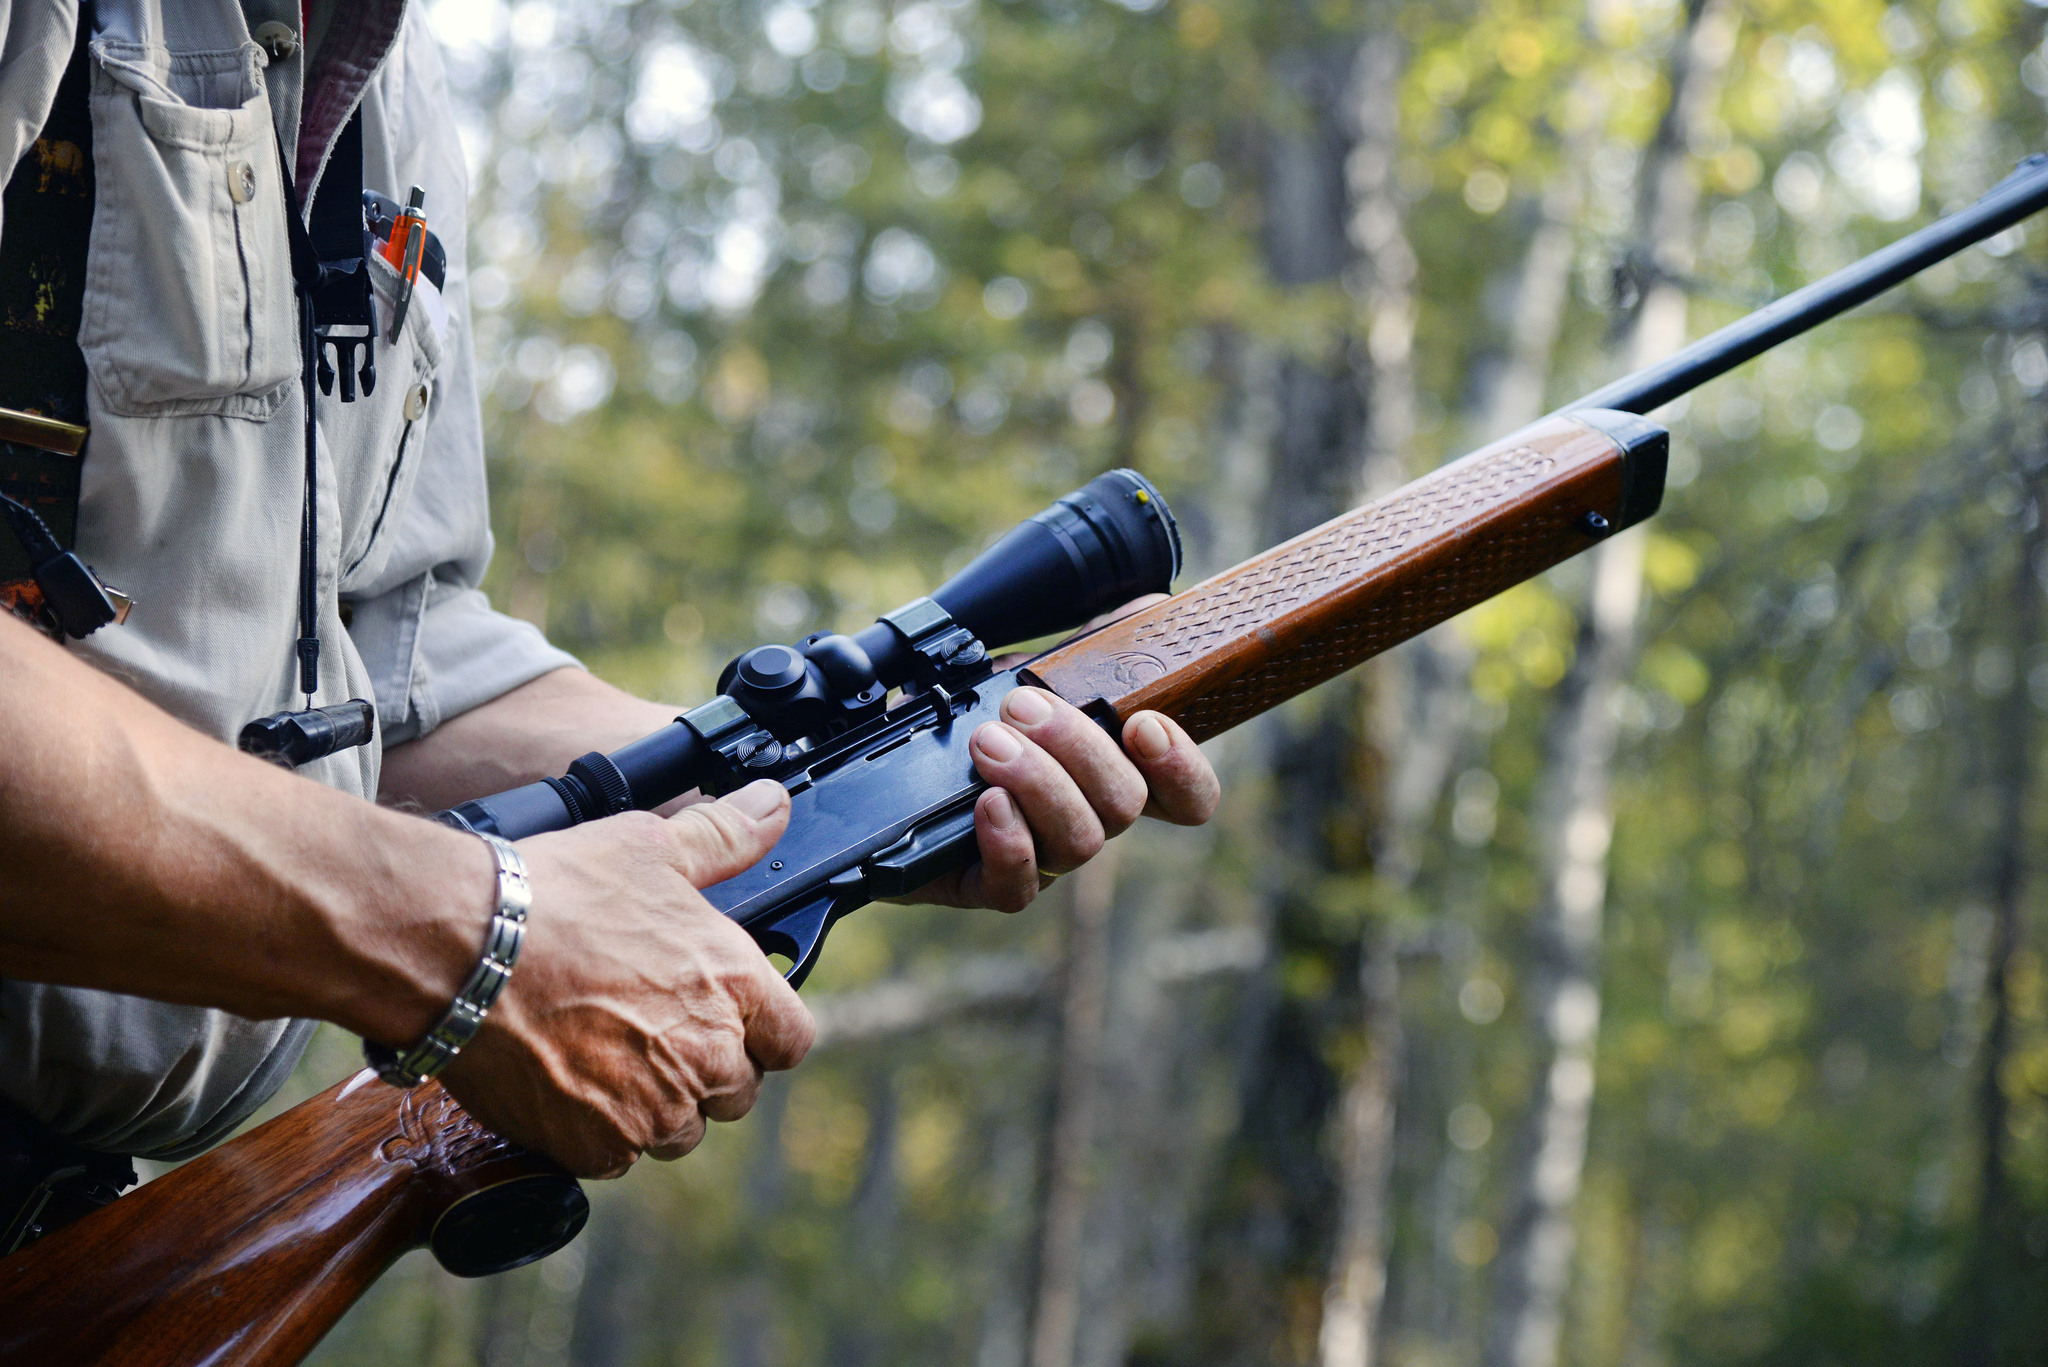 Halvautomatiska studsare är ett mycket vanligt jaktgevär i Sverige. Många jägare skulle drabbas vid ett förbud mot vapentypen. Foto: Lars-Henrik Andersson